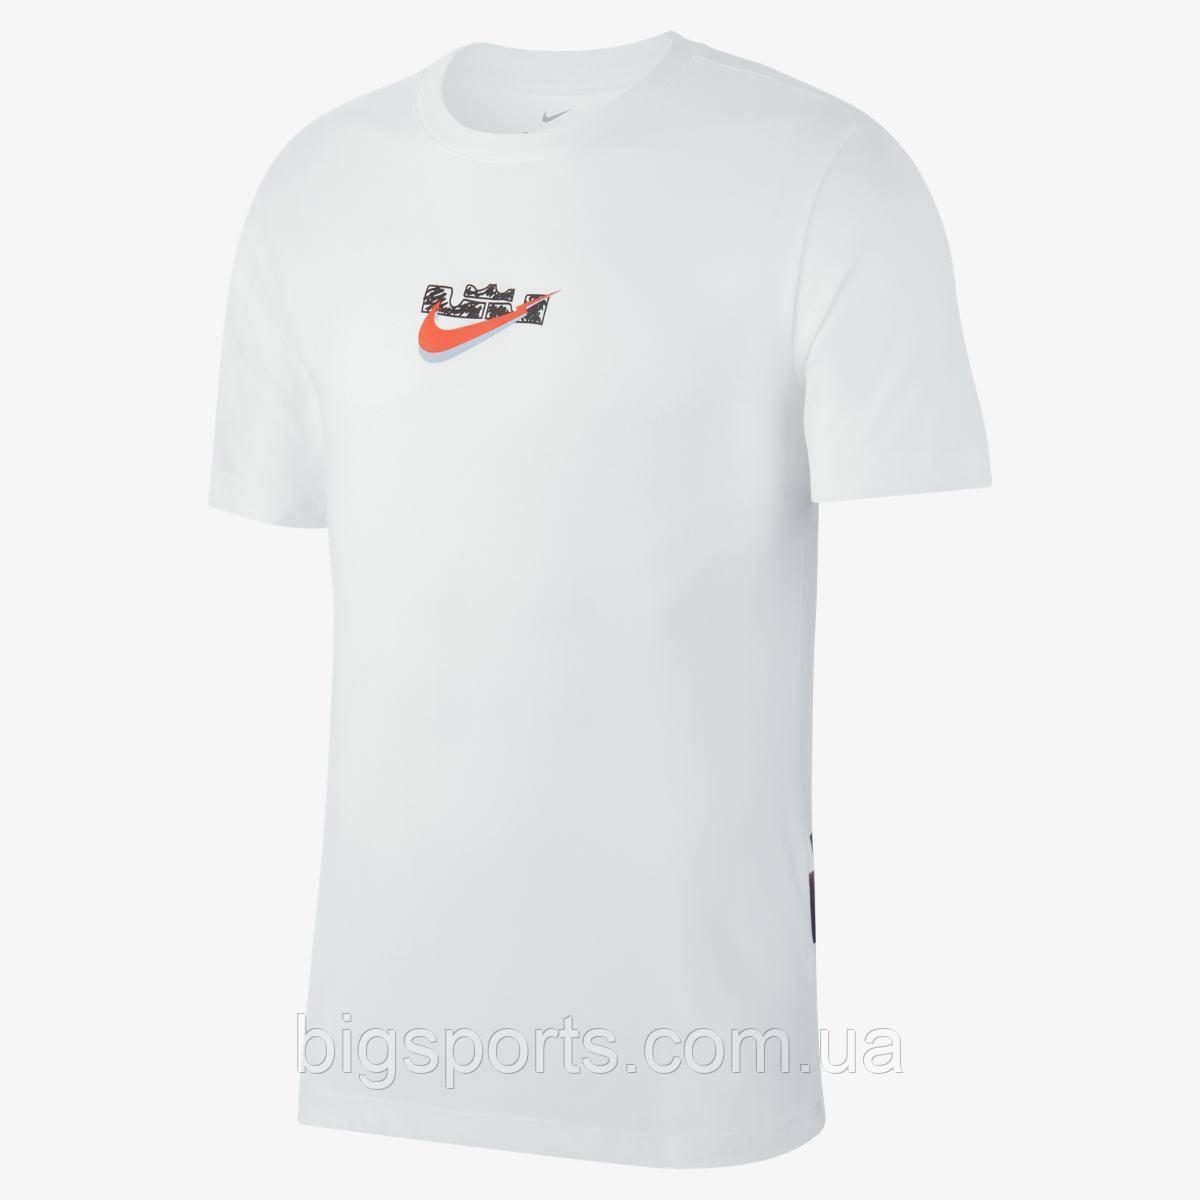 Футболка муж. Nike Lbj M Nk Dry Tee Df Ss 90 (арт. AJ9493-100)